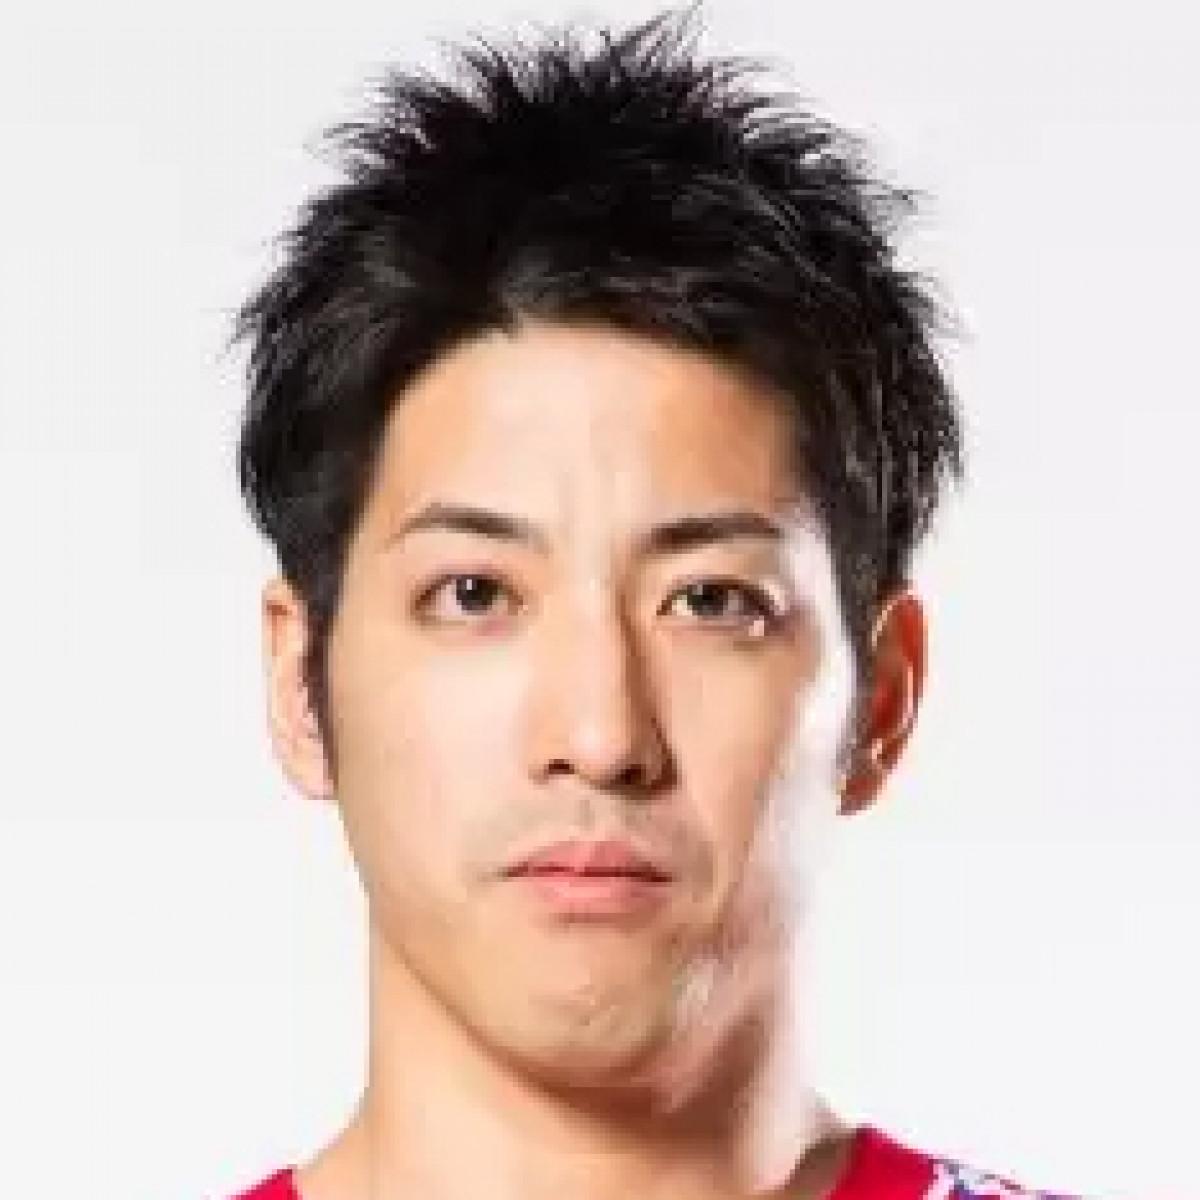 Ryoichi Nishitani